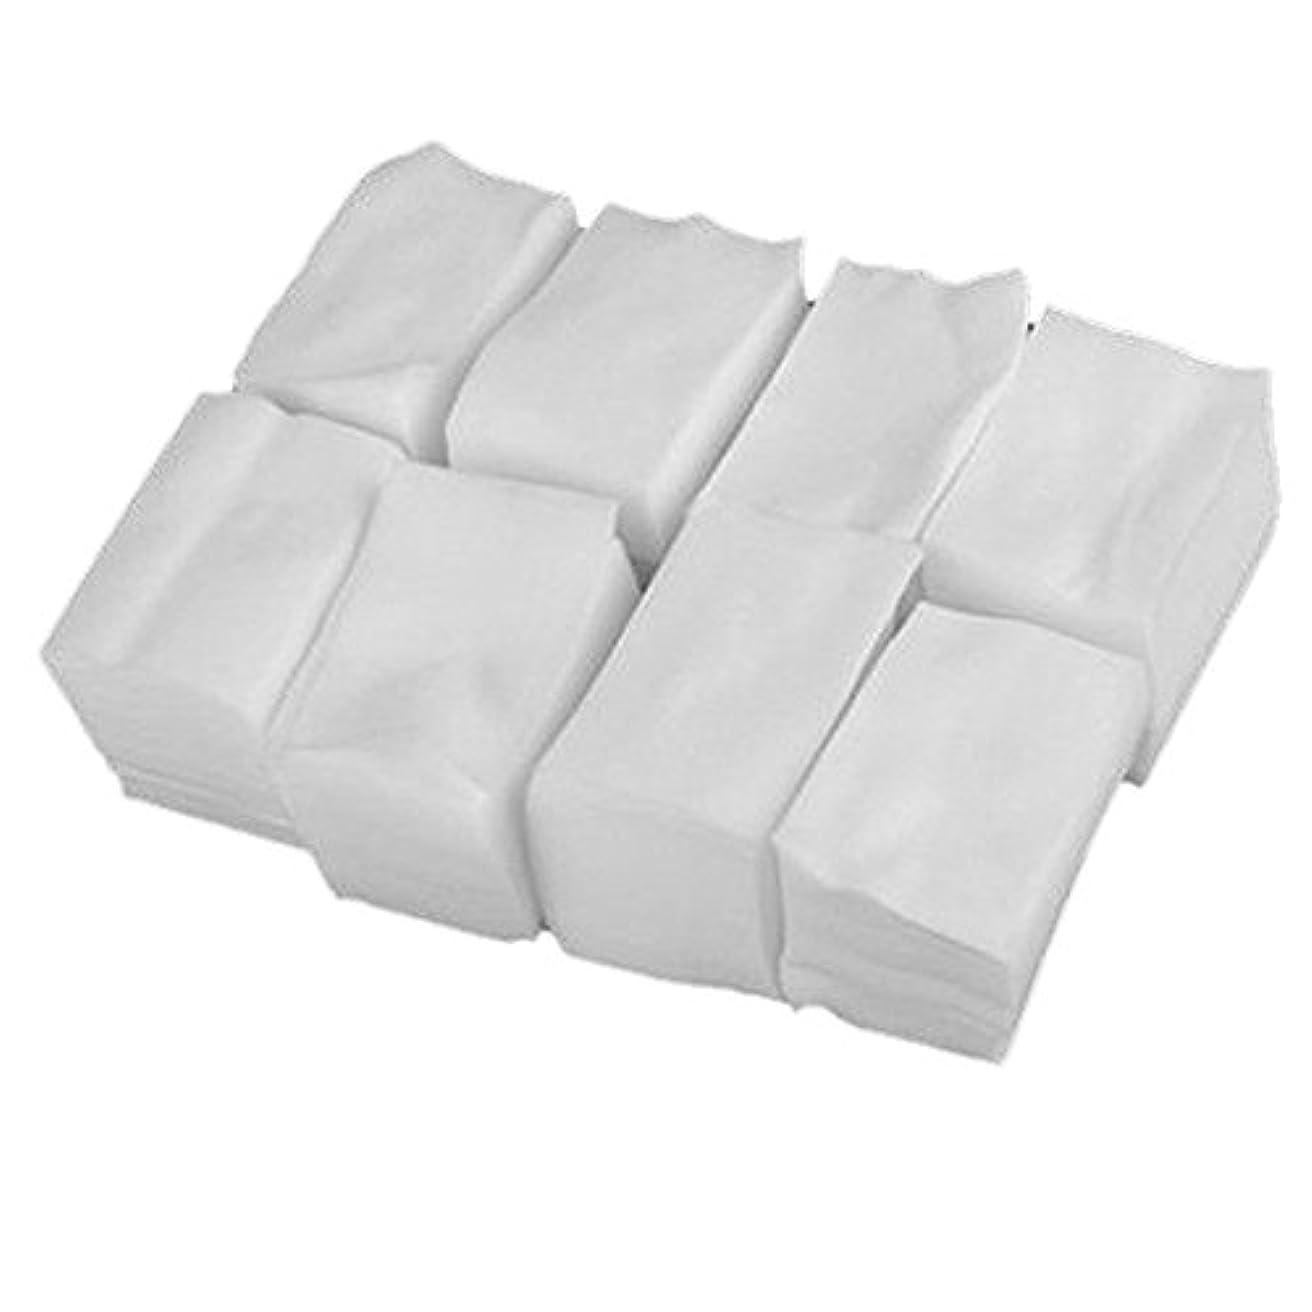 ブルただ現実的Vi.yo ネイル ジェル ワイプ 天然素材 不織布 コットン ジェルの拭き取り 油分除去 クリーニング 900枚以上